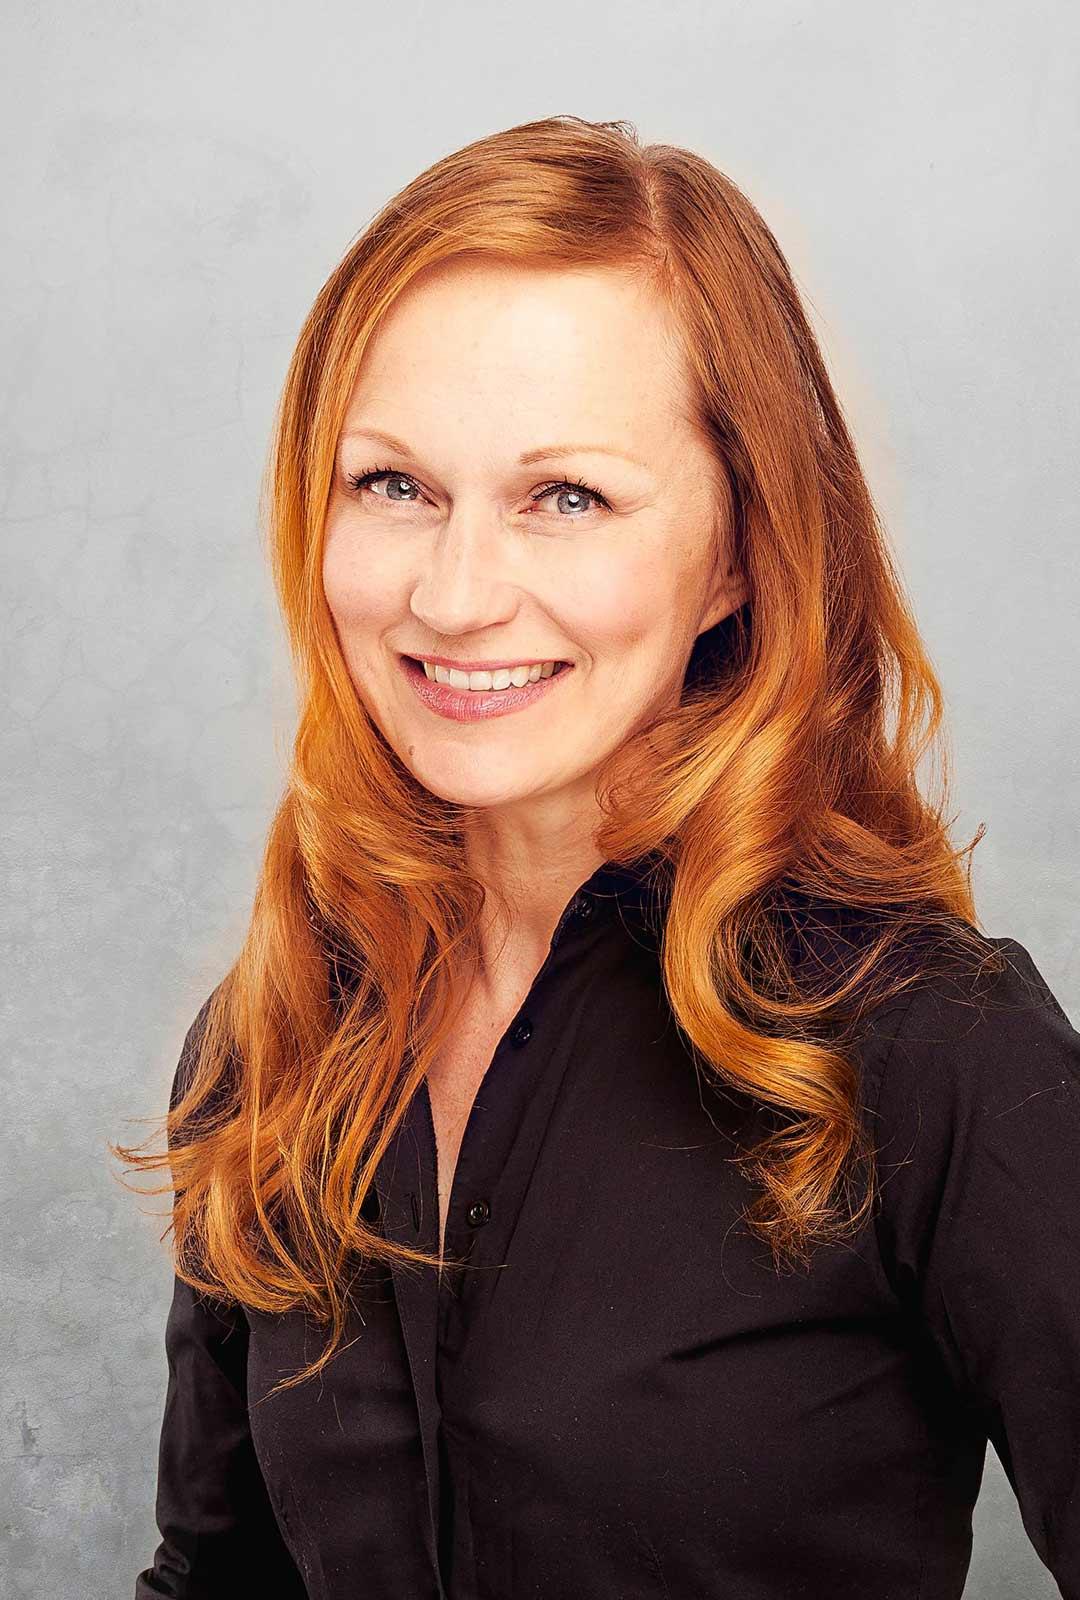 Tanssija-näyttelijä Helena Rängman on käynyt kerran lavatansseissa.